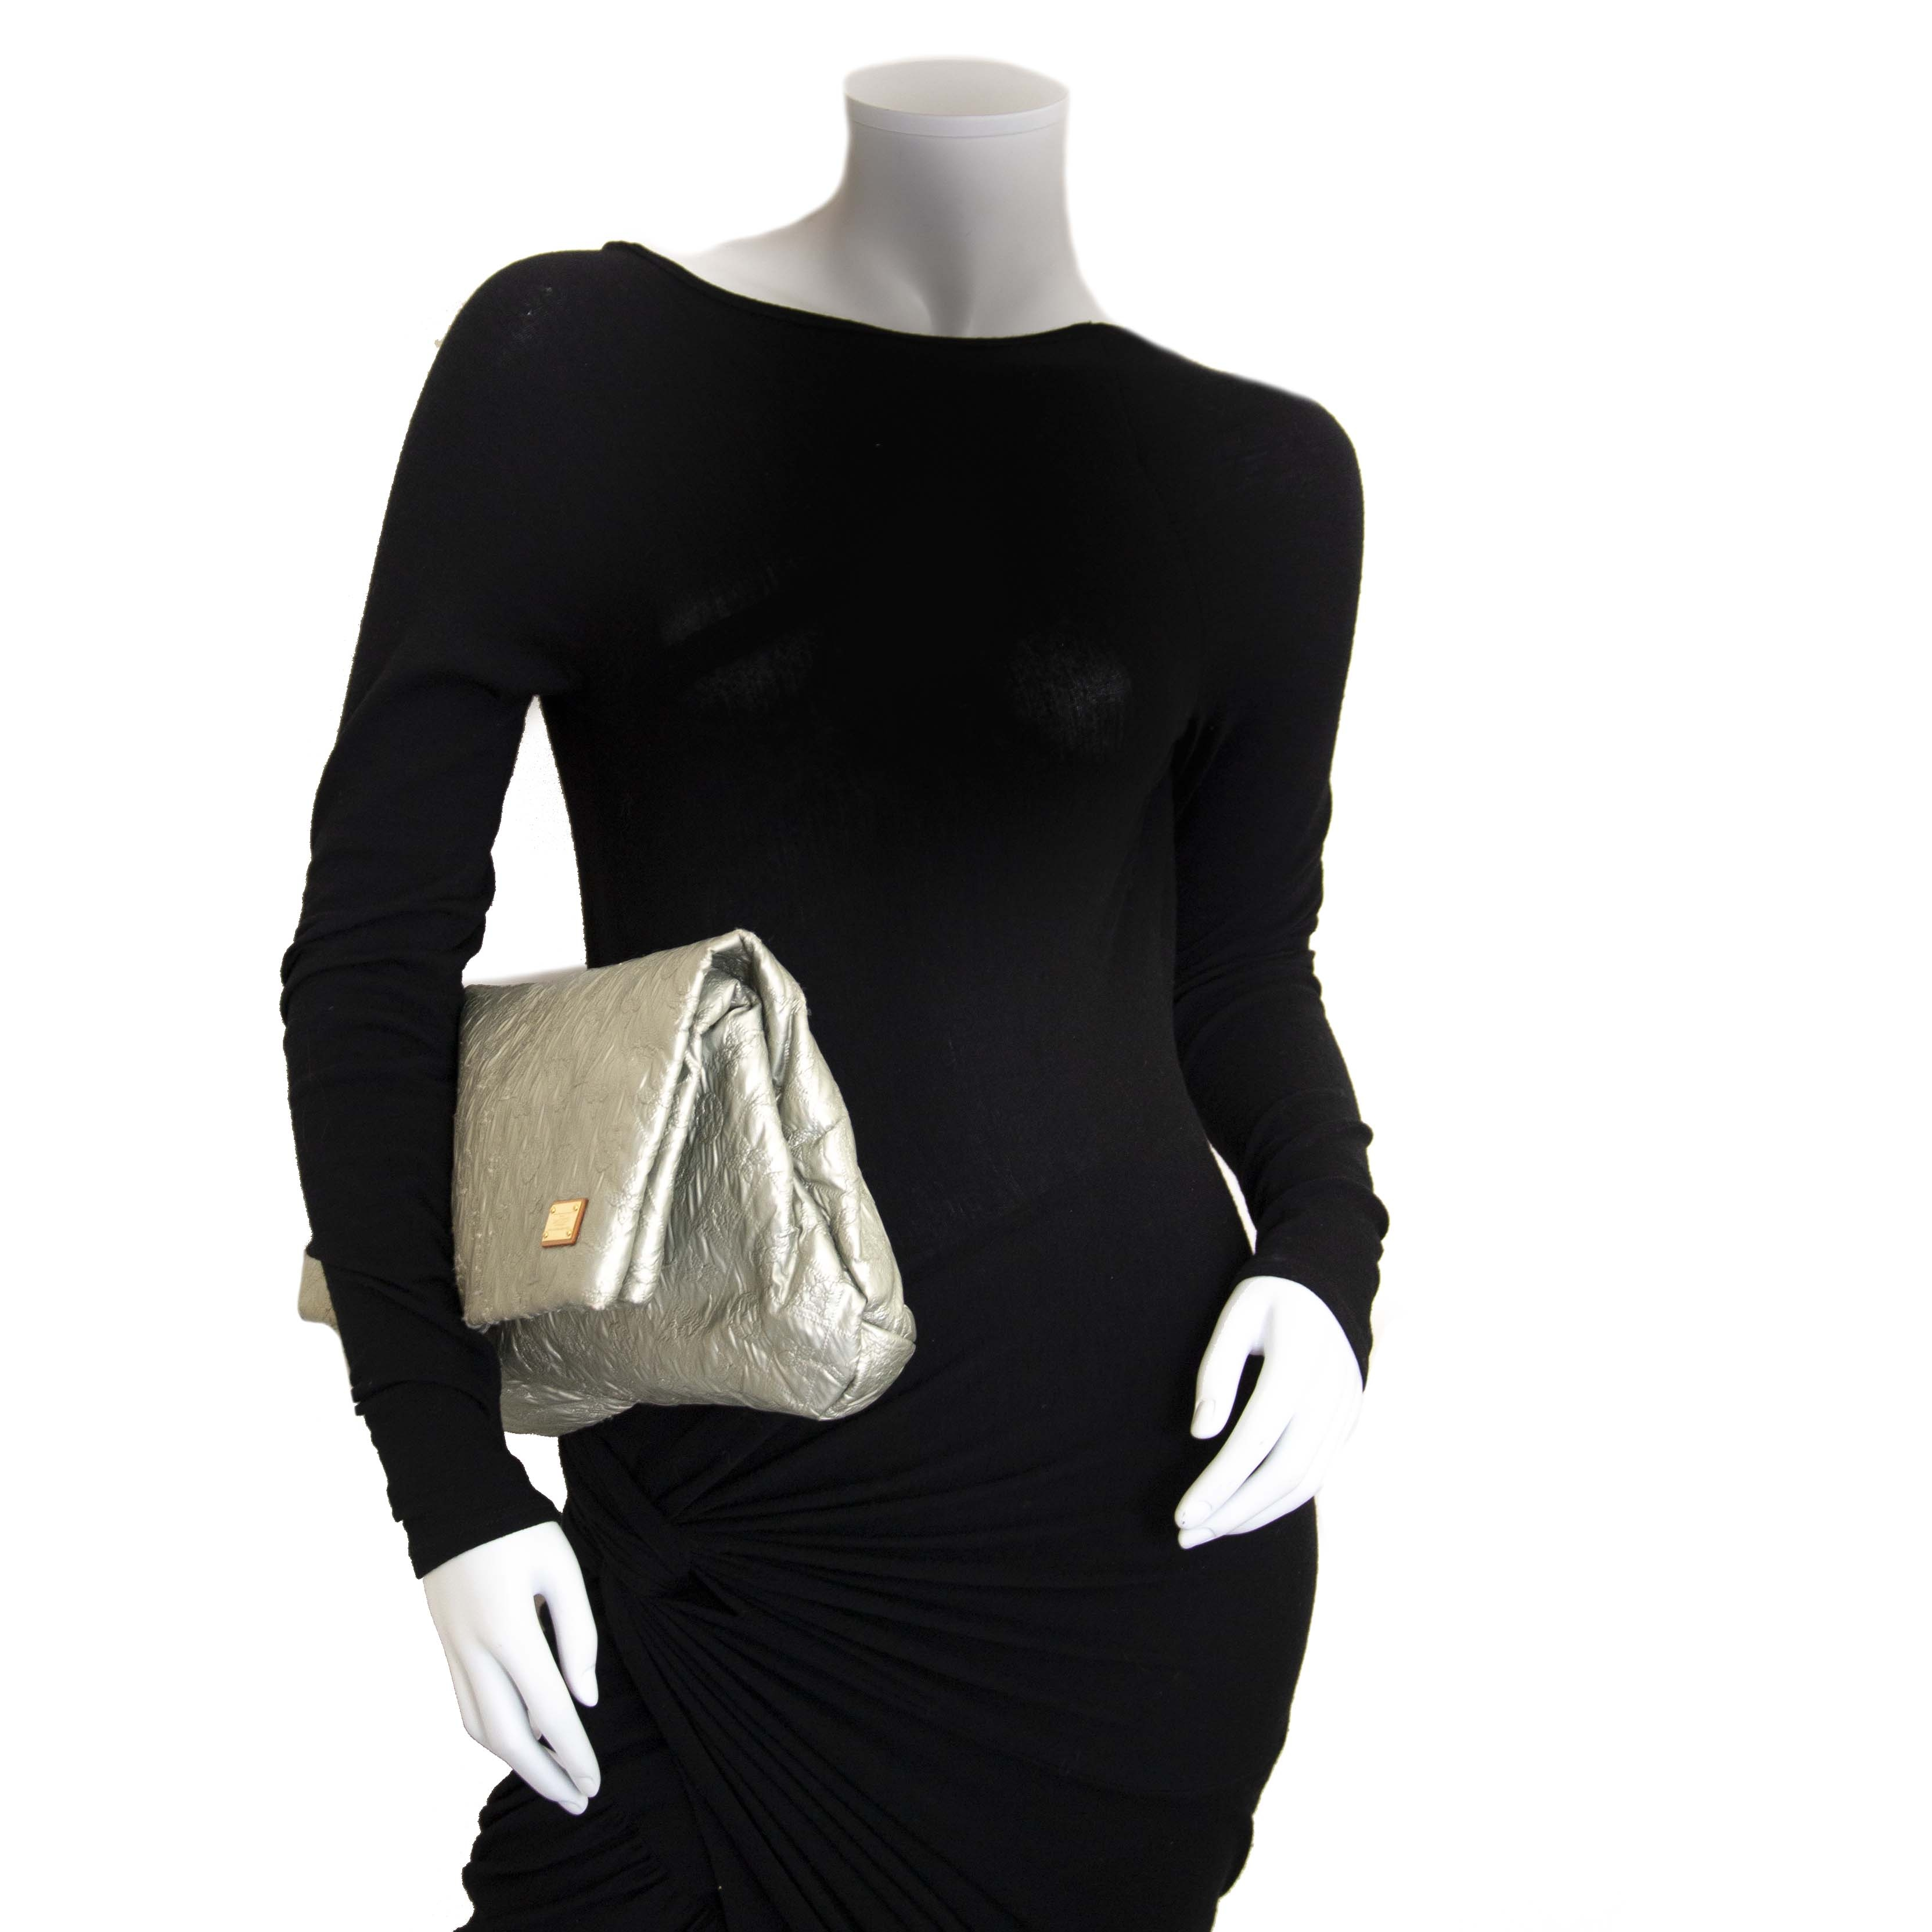 Louis Vuitton Silver Limelight Monogram Clutch kopen en verkopen aan de beste prijs bij Labellov tweedehands luxe in Antwerpen